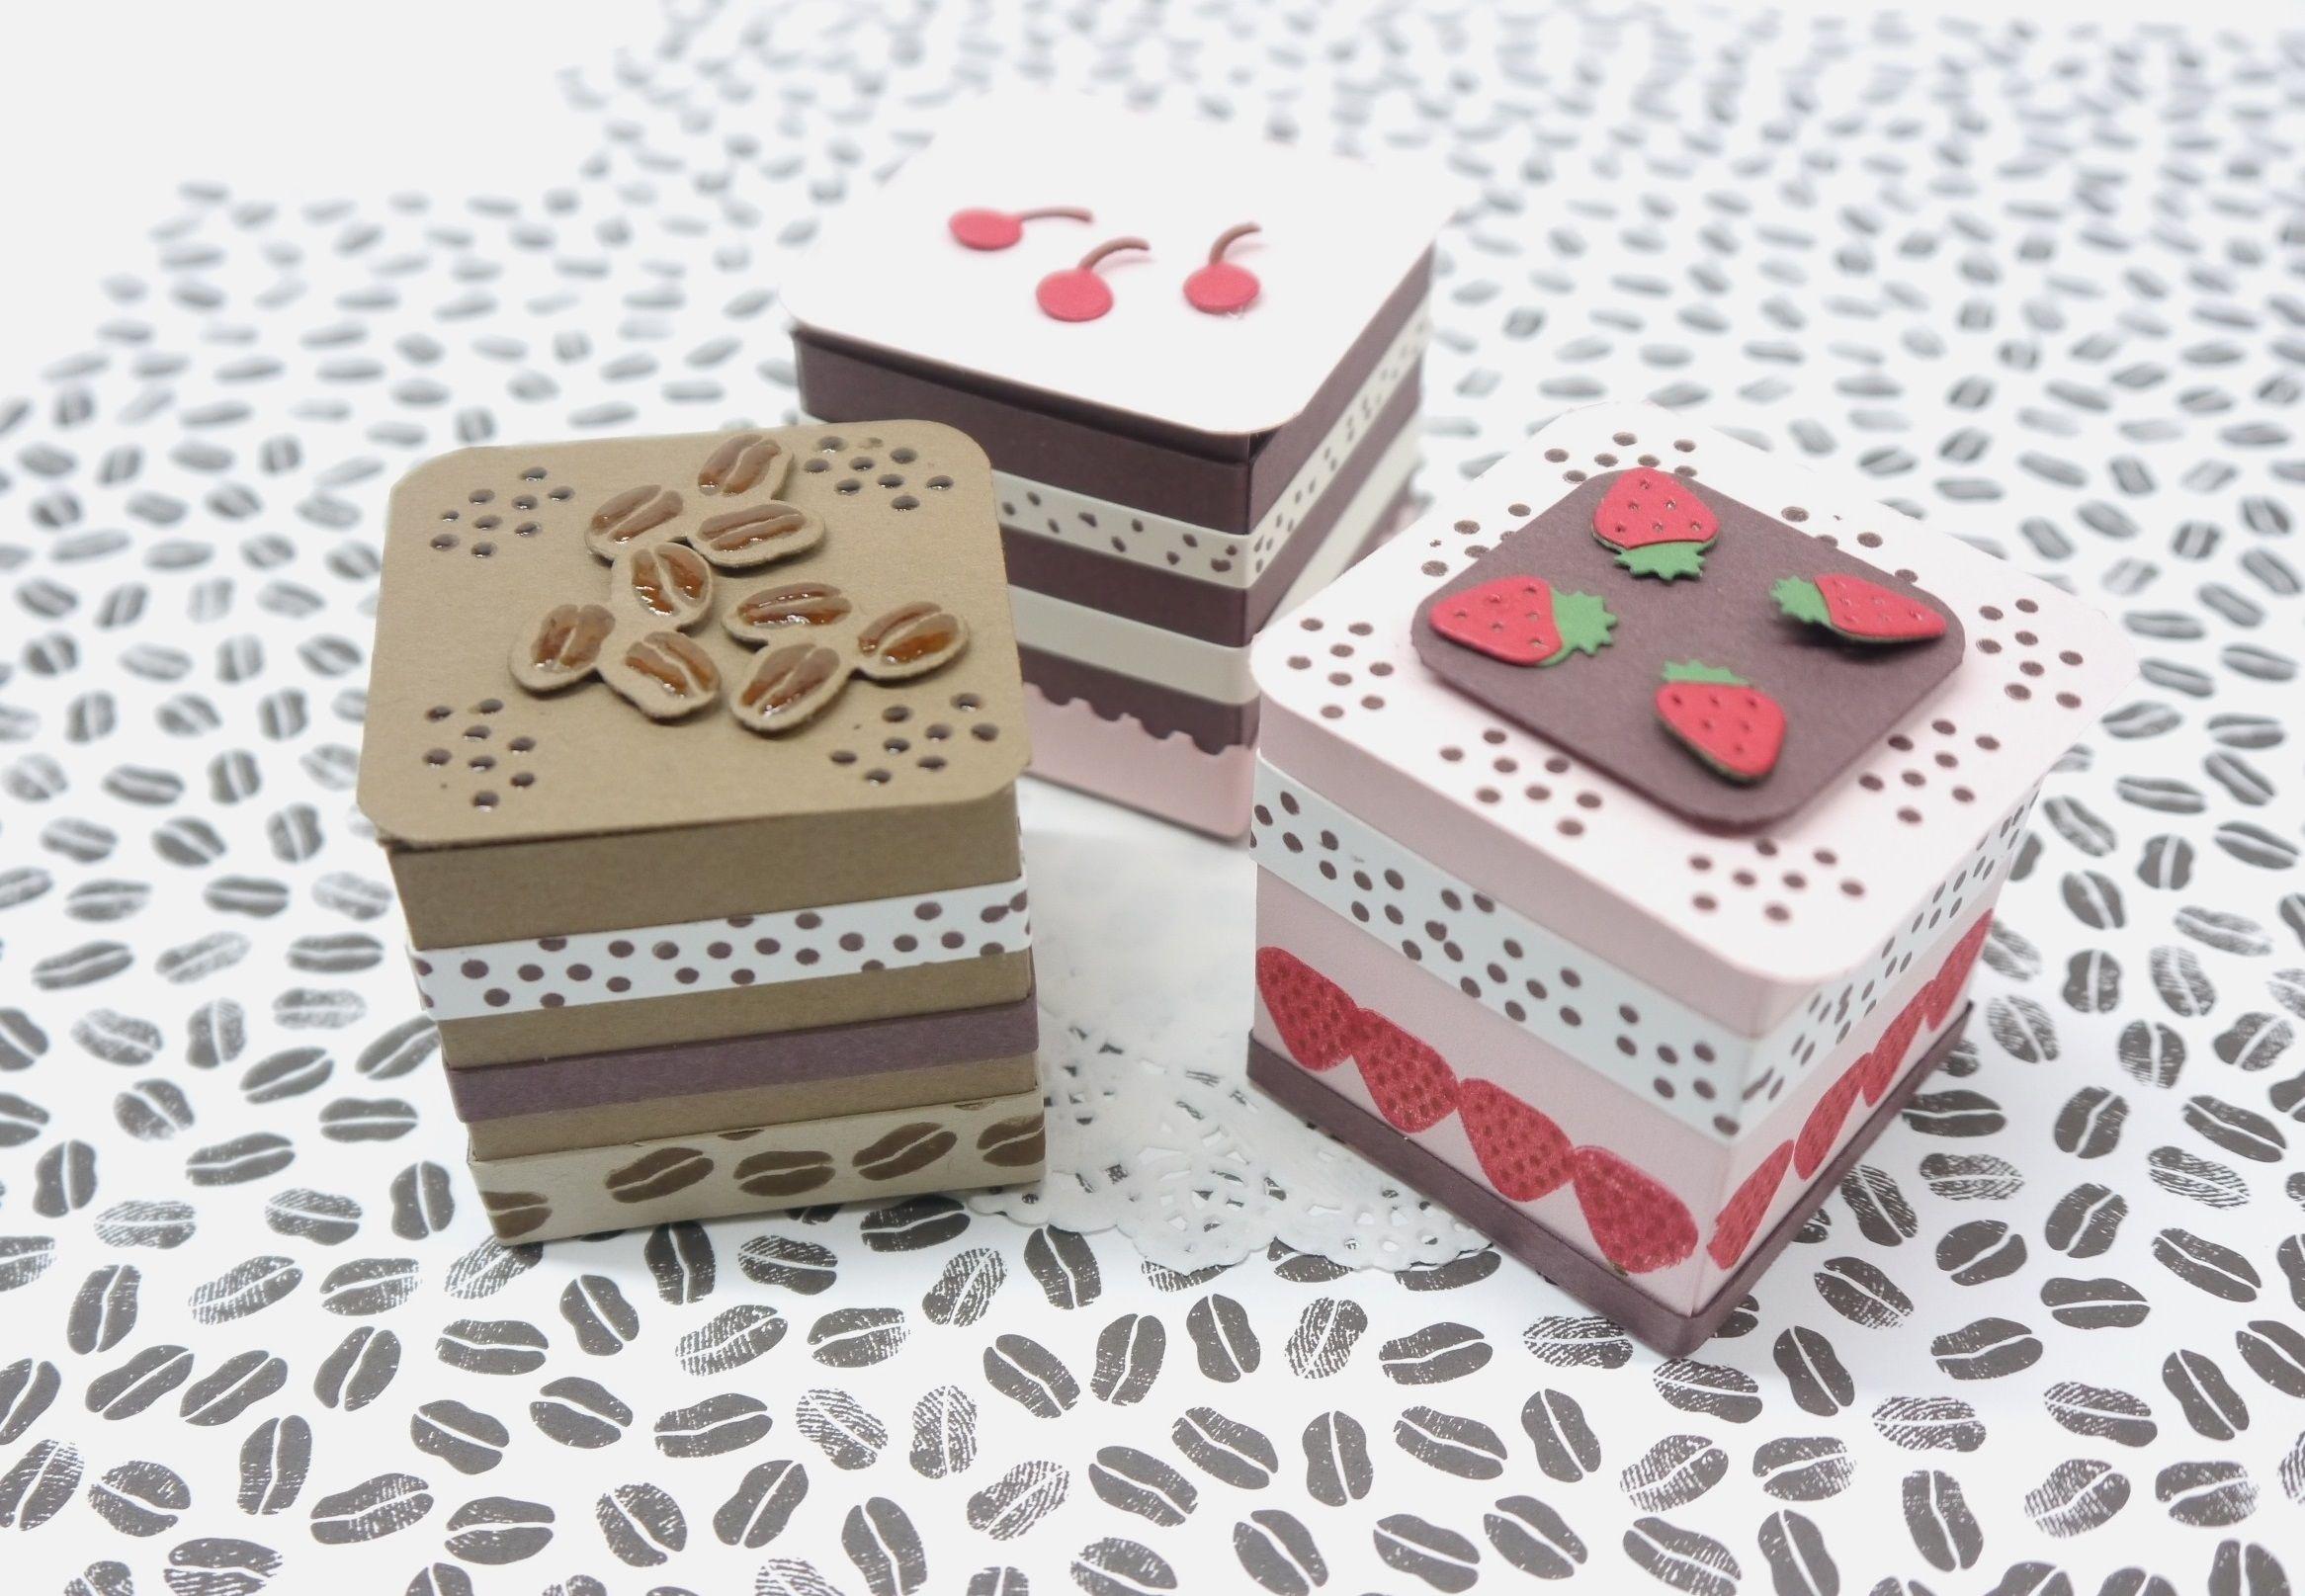 Verpackung Petit four eine besondere Geschenkidee | Raffaelo ...